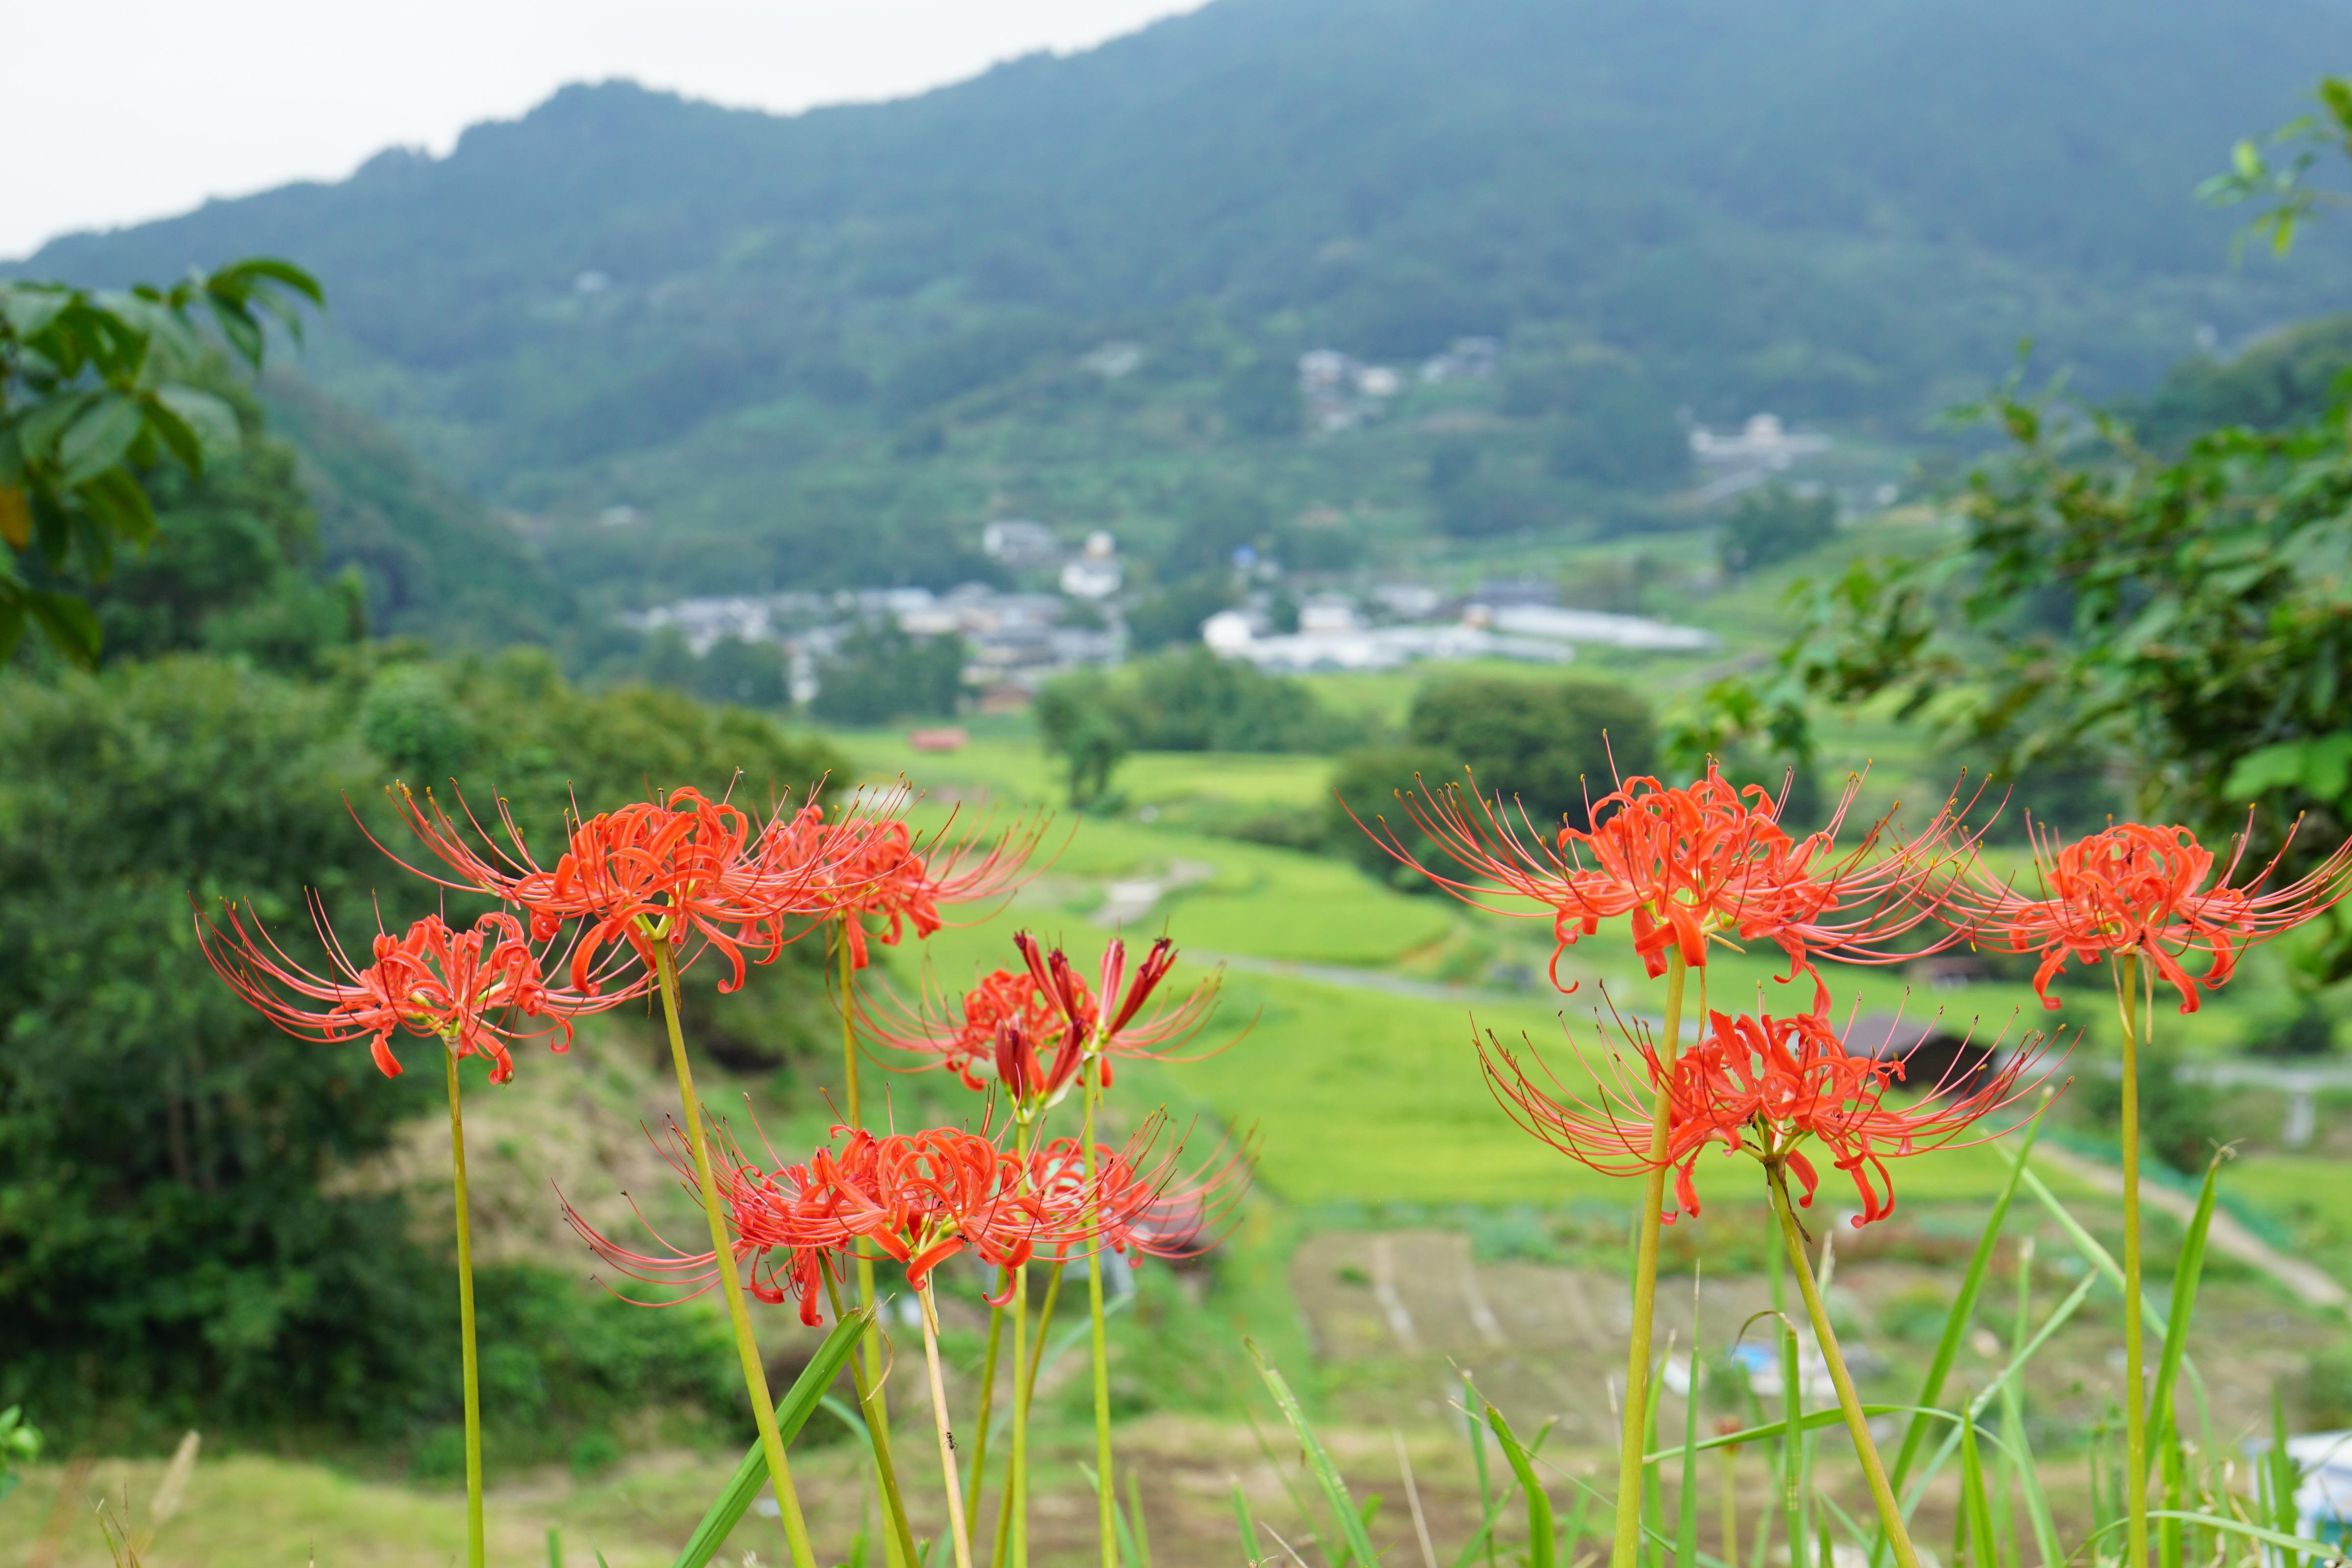 案山子ロード開催中で賑わってました。田んぼと彼岸花がとても綺麗でした。